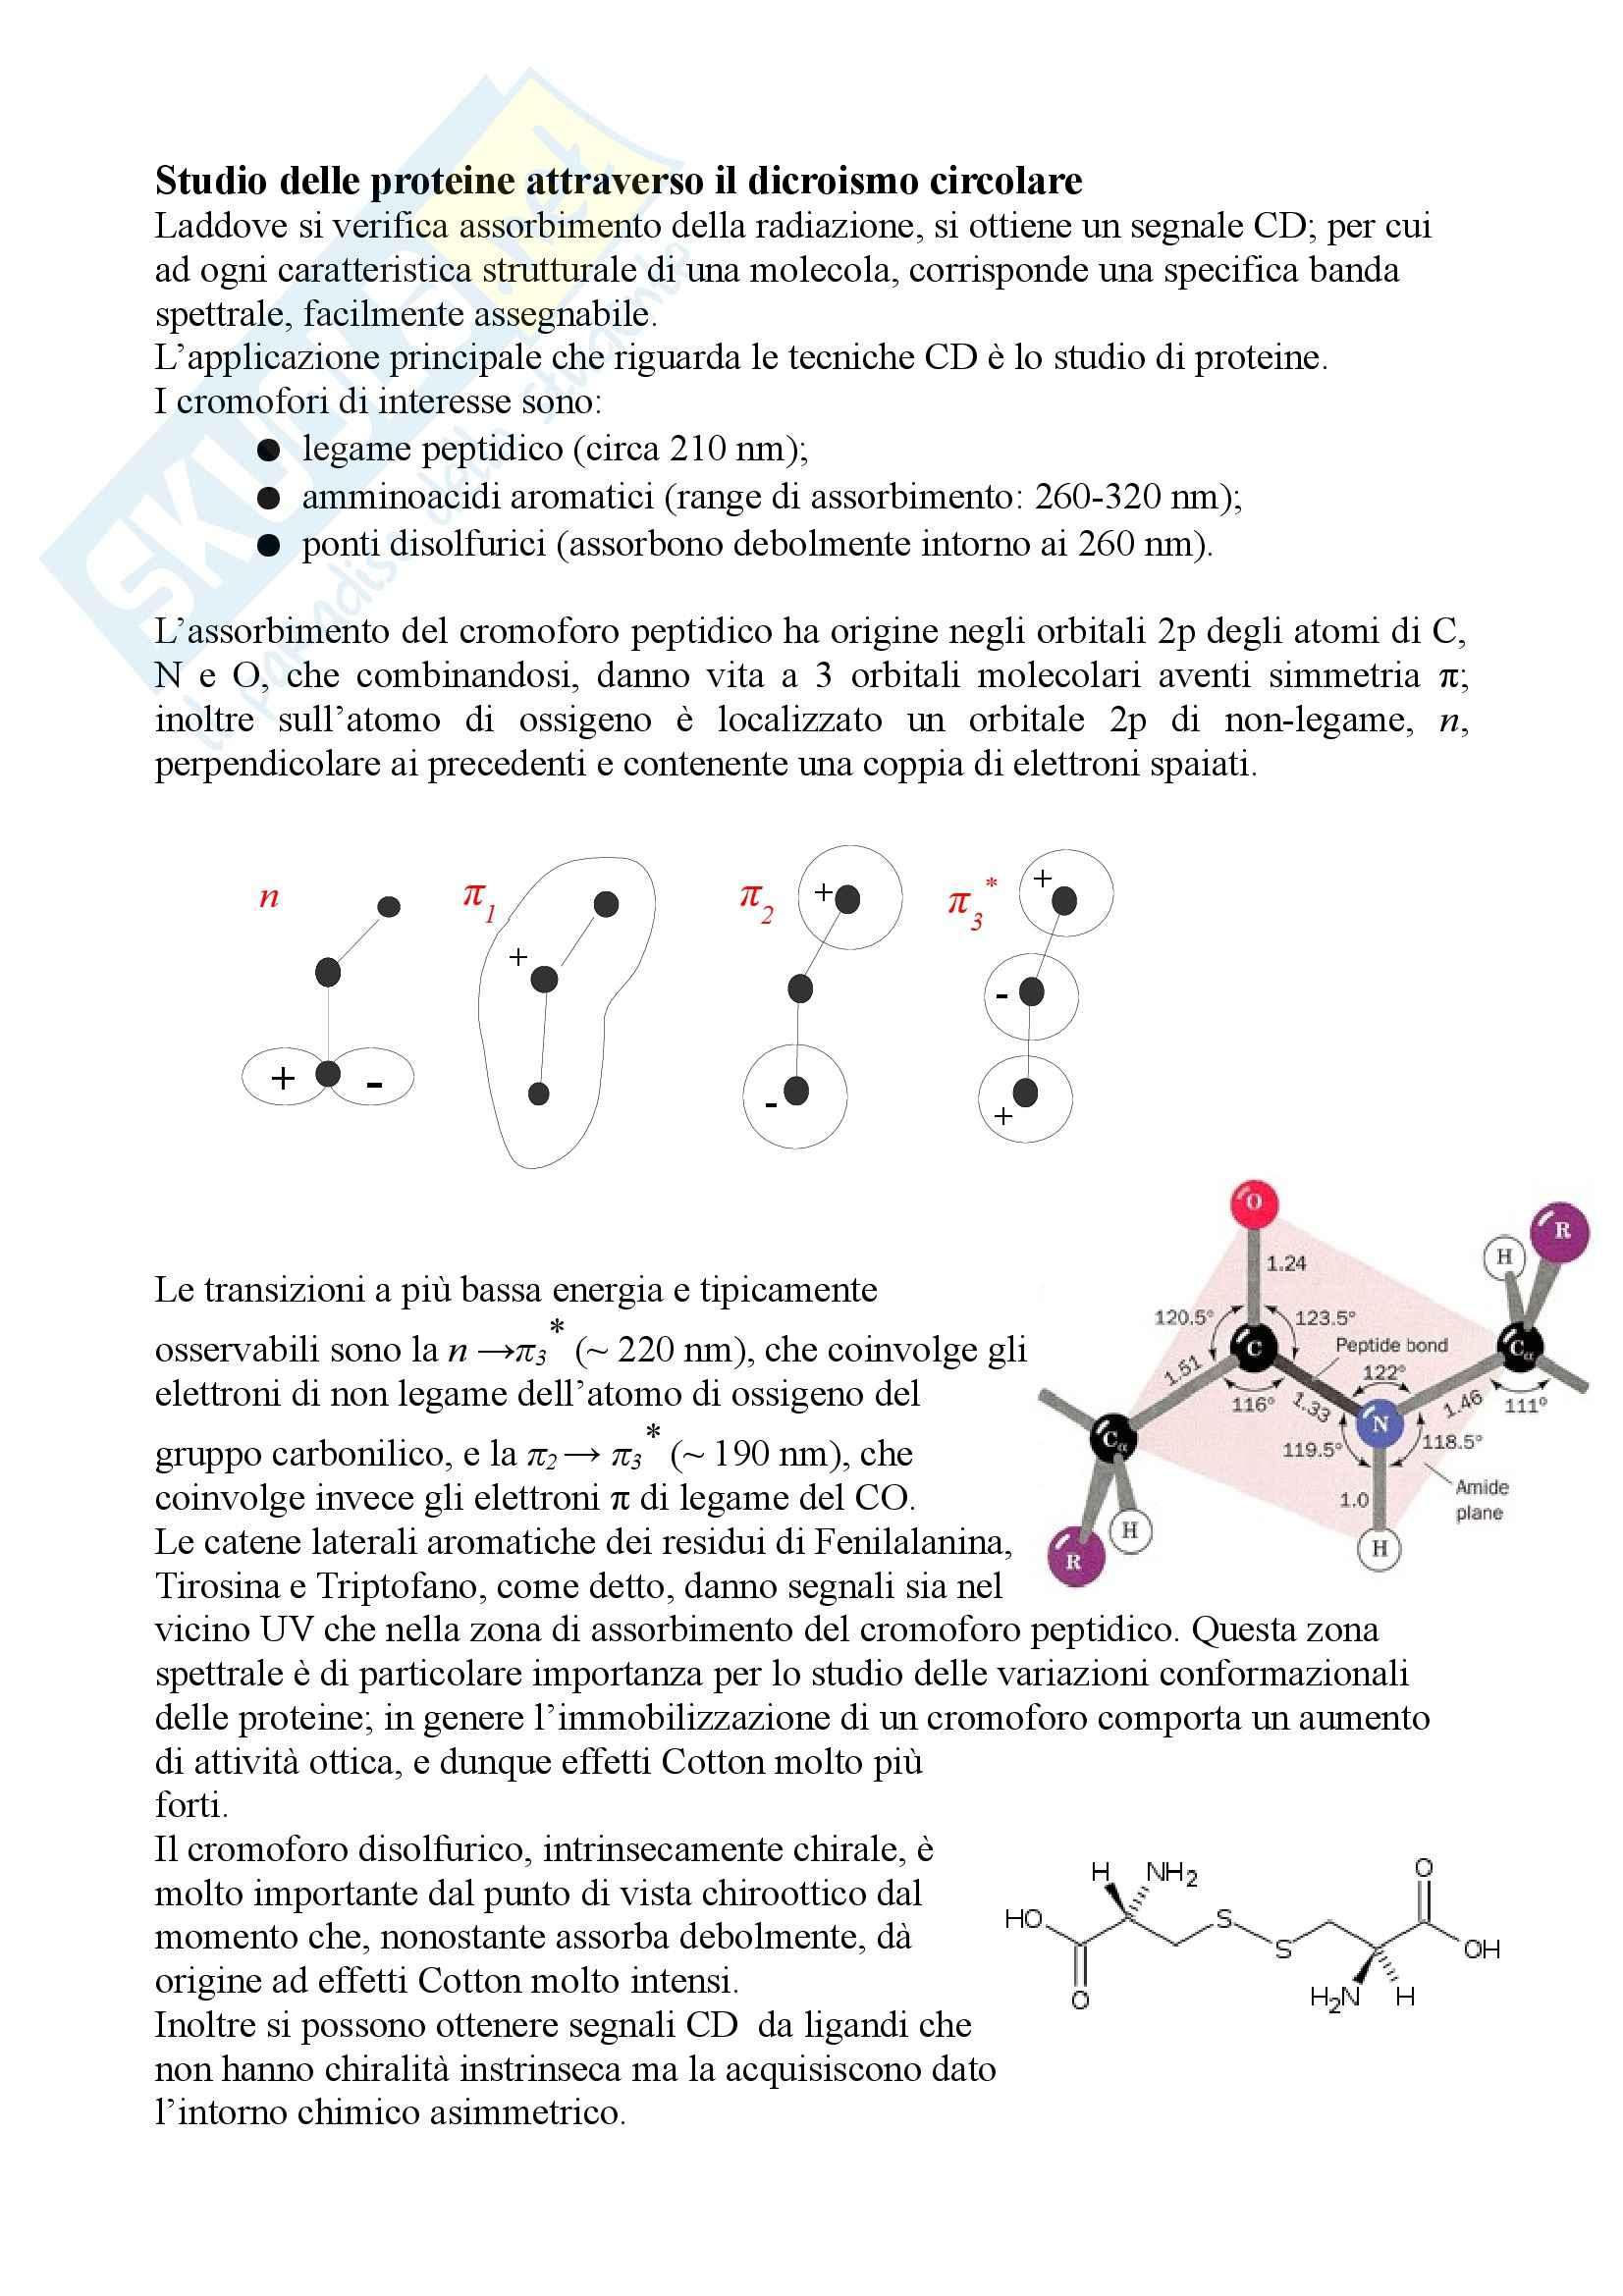 Chimica fisica - dicroismo circolare Pag. 11